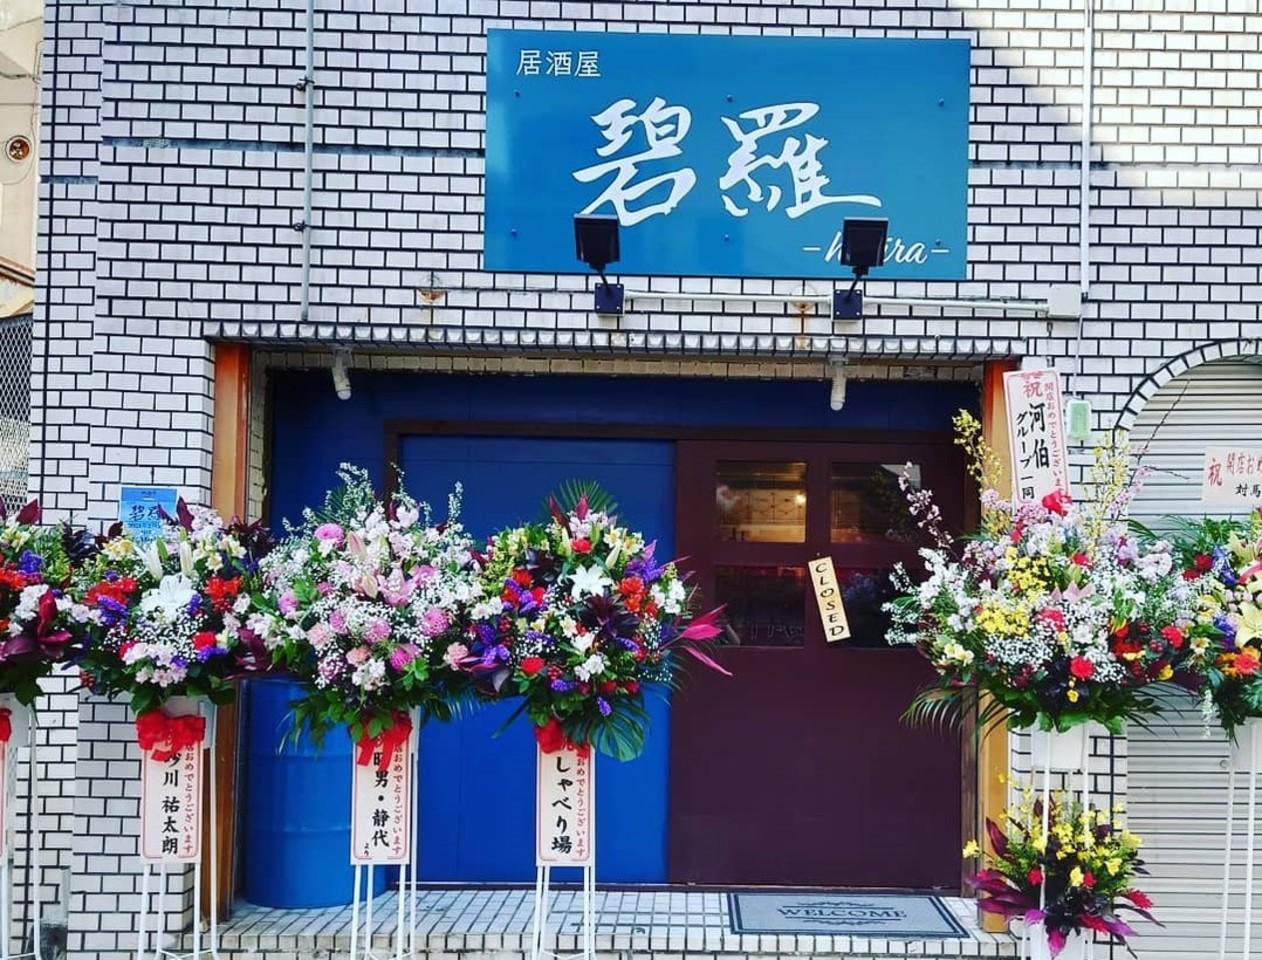 沖縄県石垣市美崎町に居酒屋「碧羅」が2/5にグランドオープンされたようです。